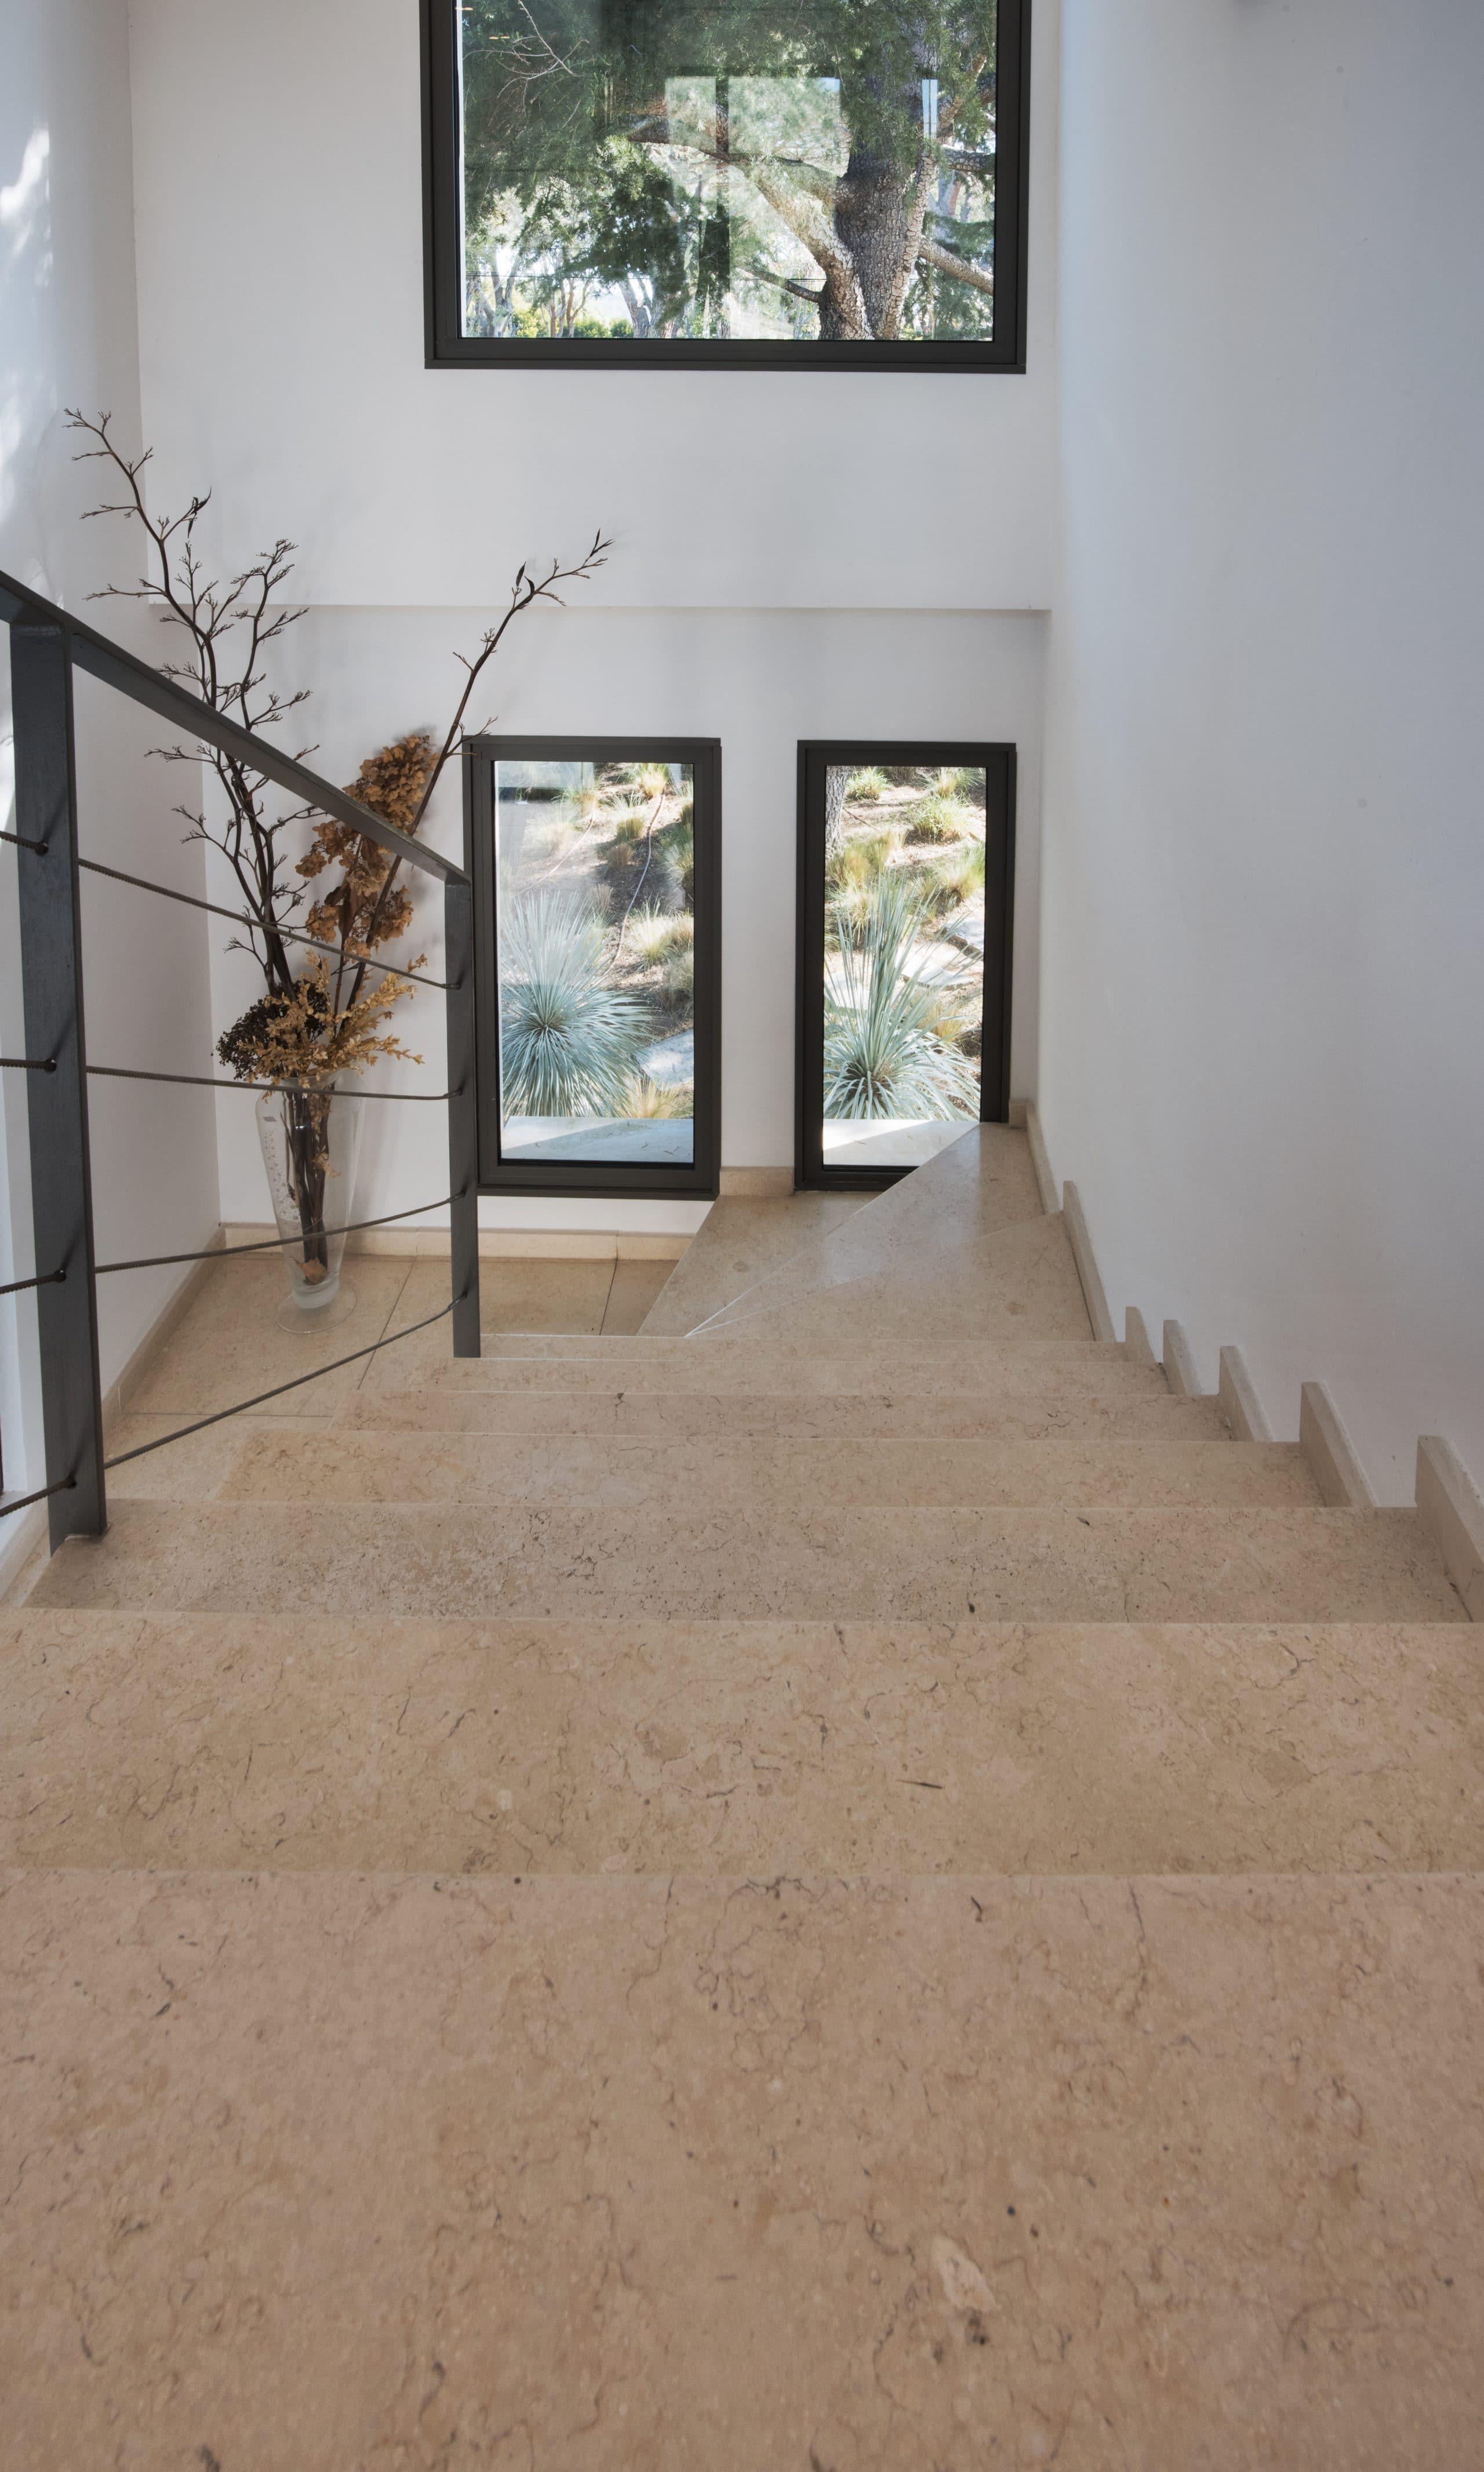 escalier intérieur en pierre Créma Nova